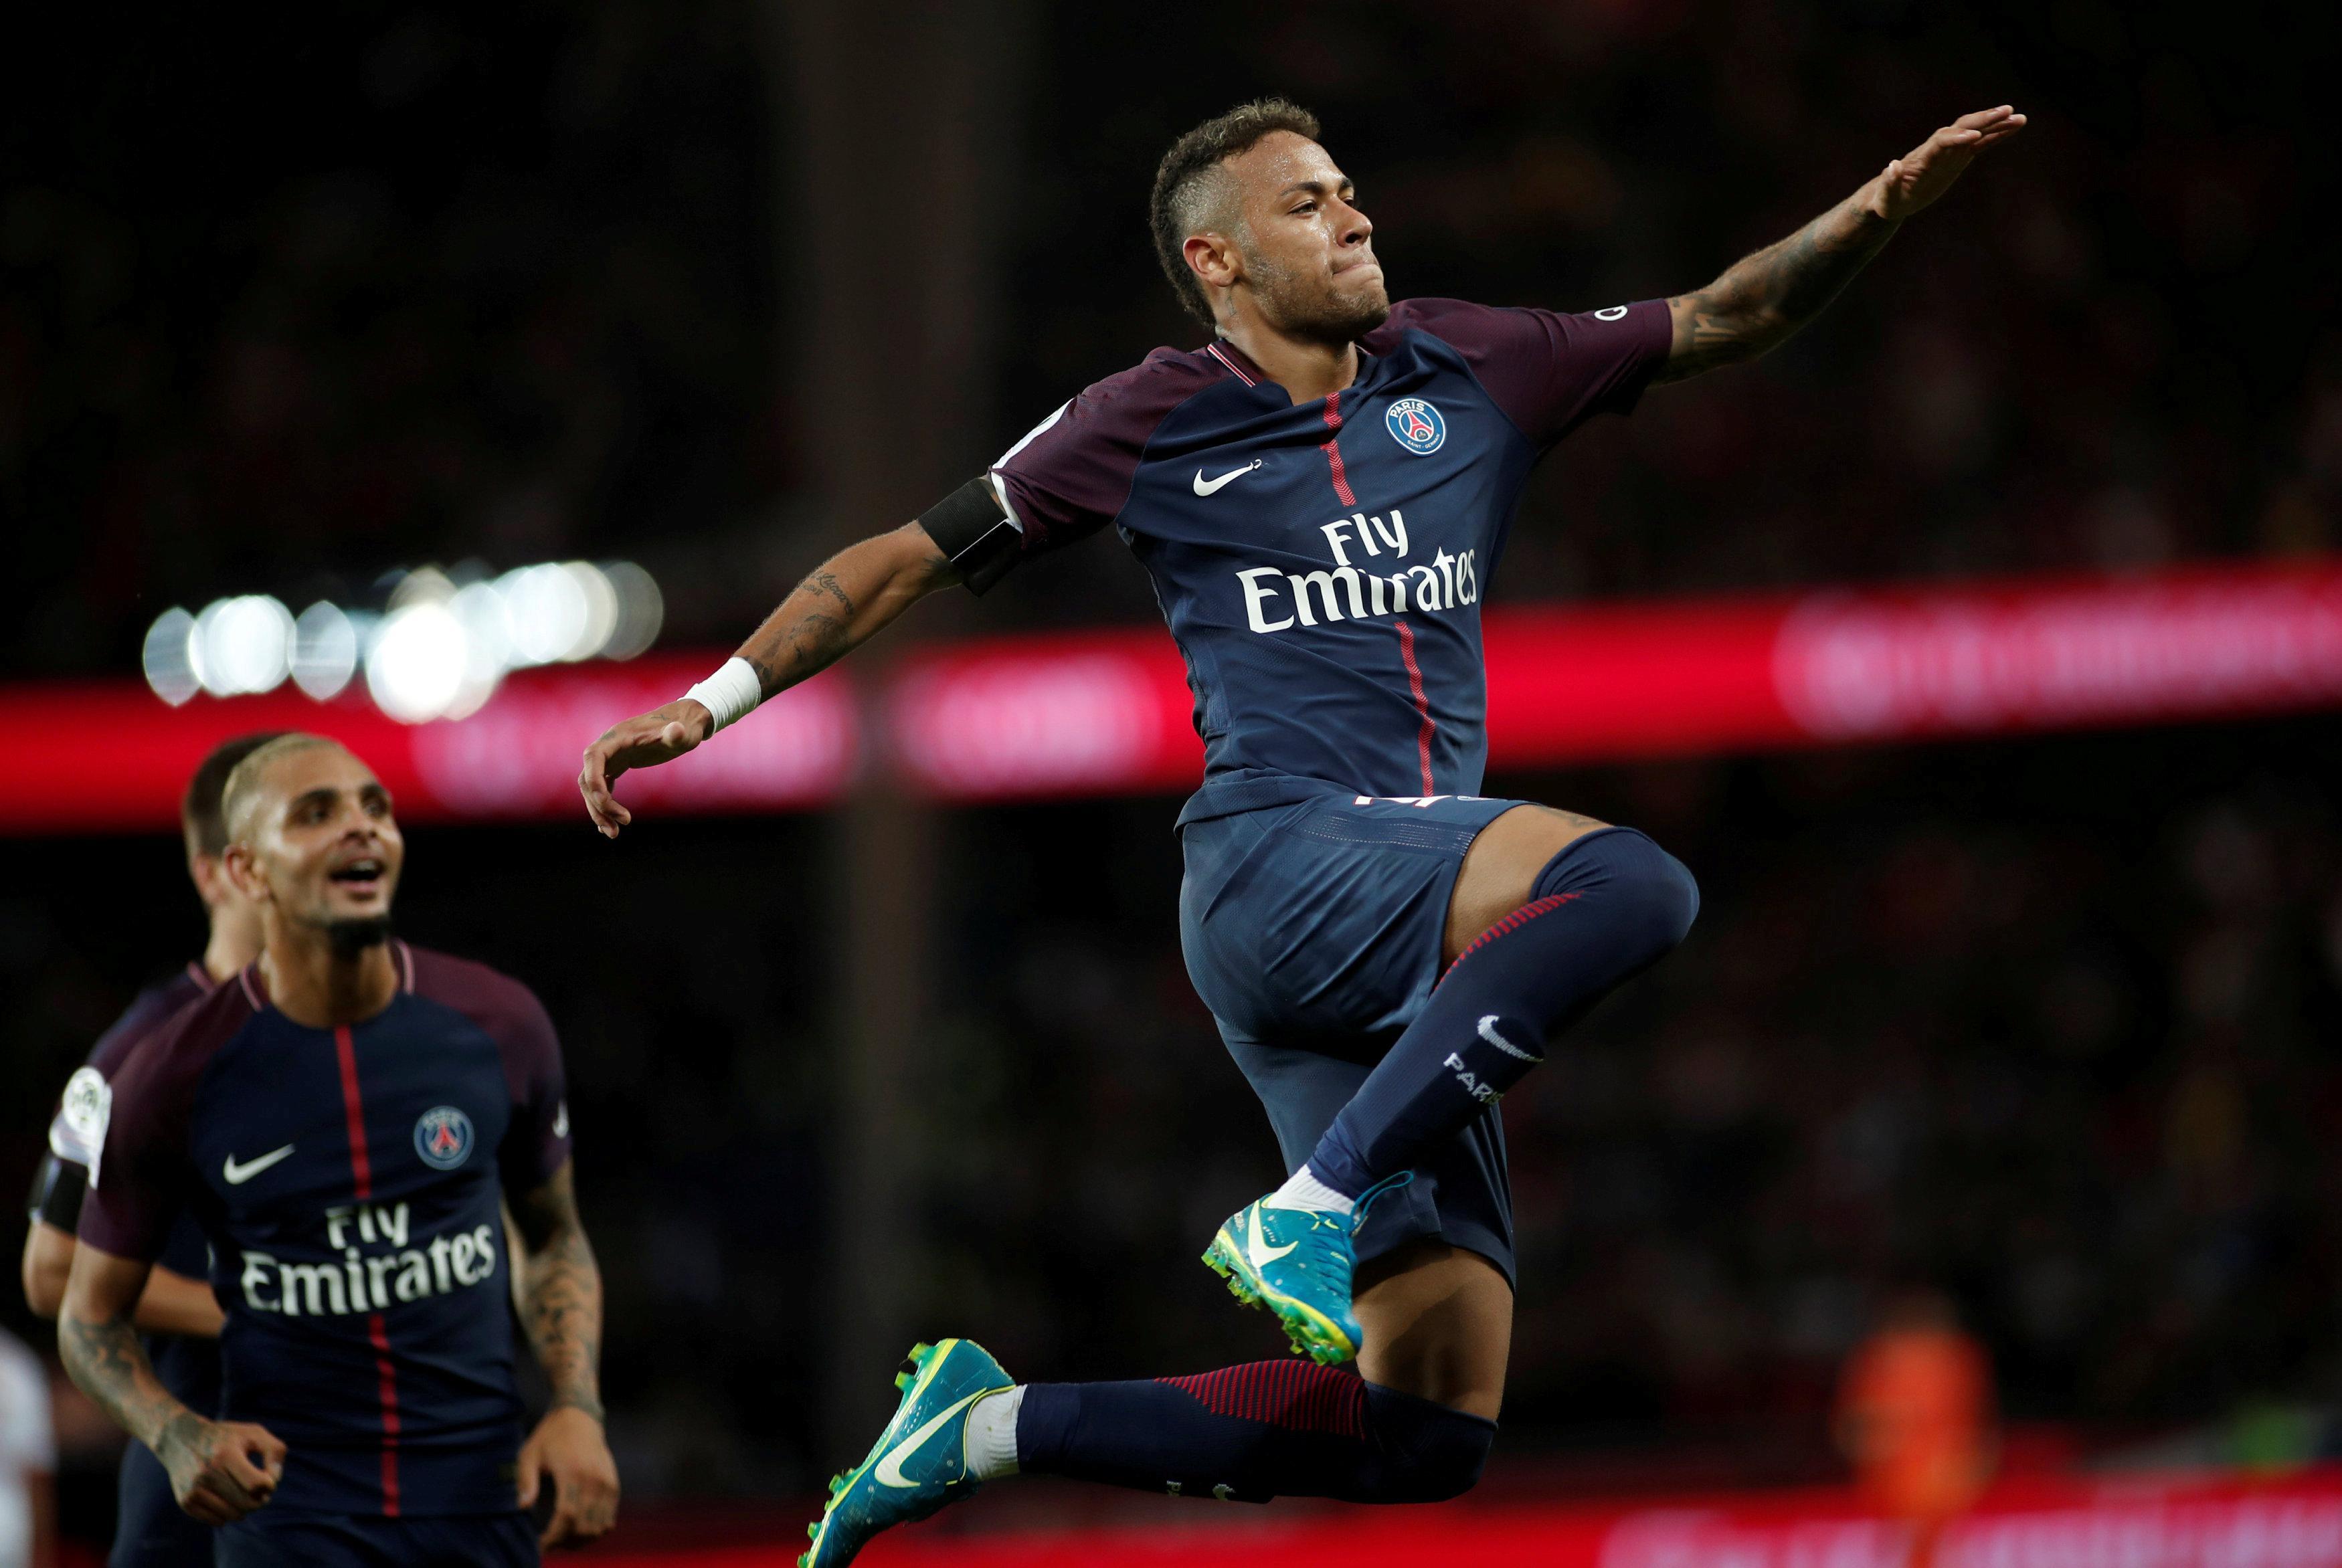 姆巴佩:和内马尔一起踢球简直美妙,盼帮助巴黎夺得欧冠